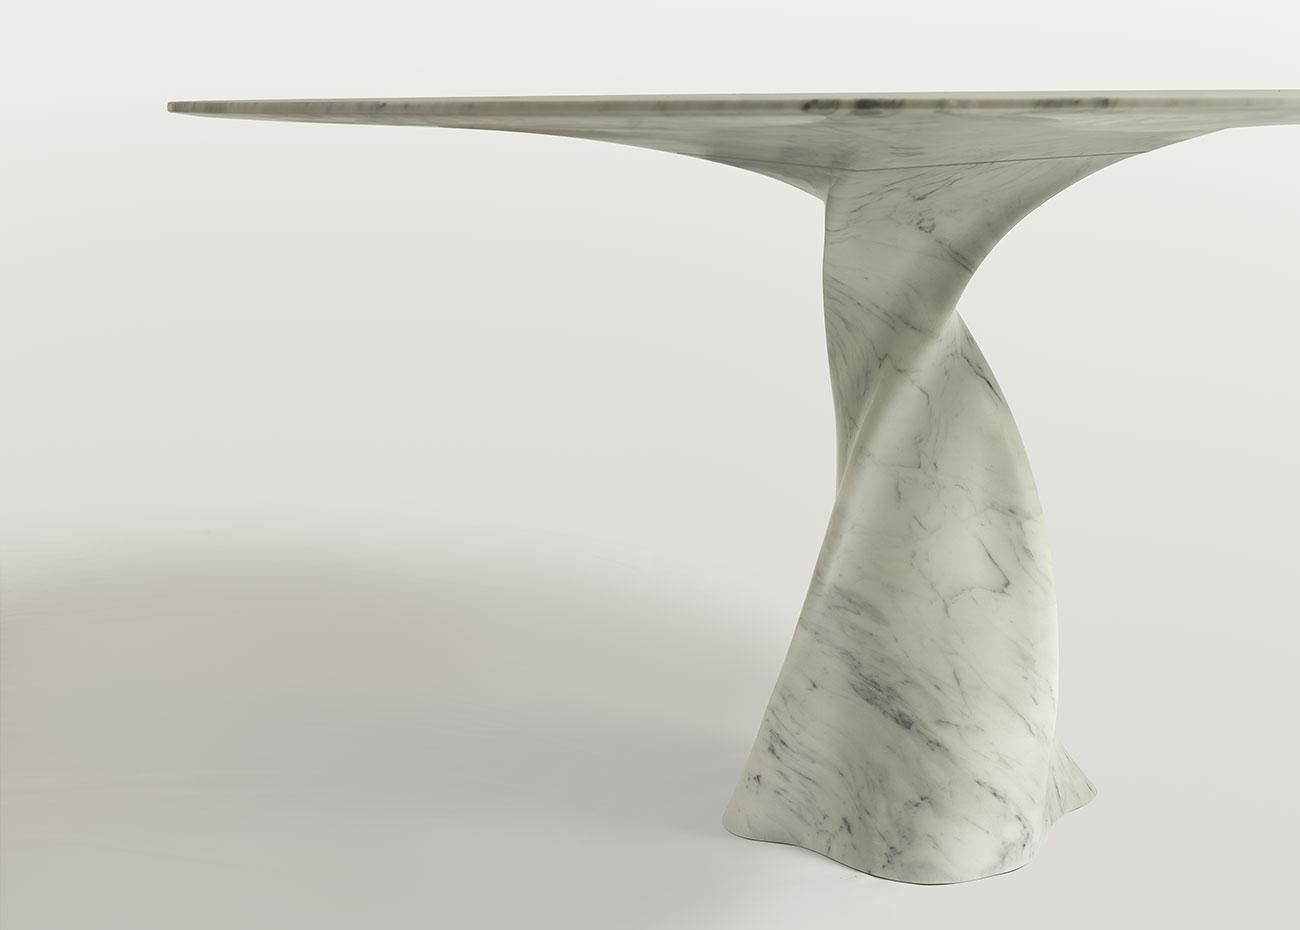 tavolo-in-marmo-twist-vista-laterale